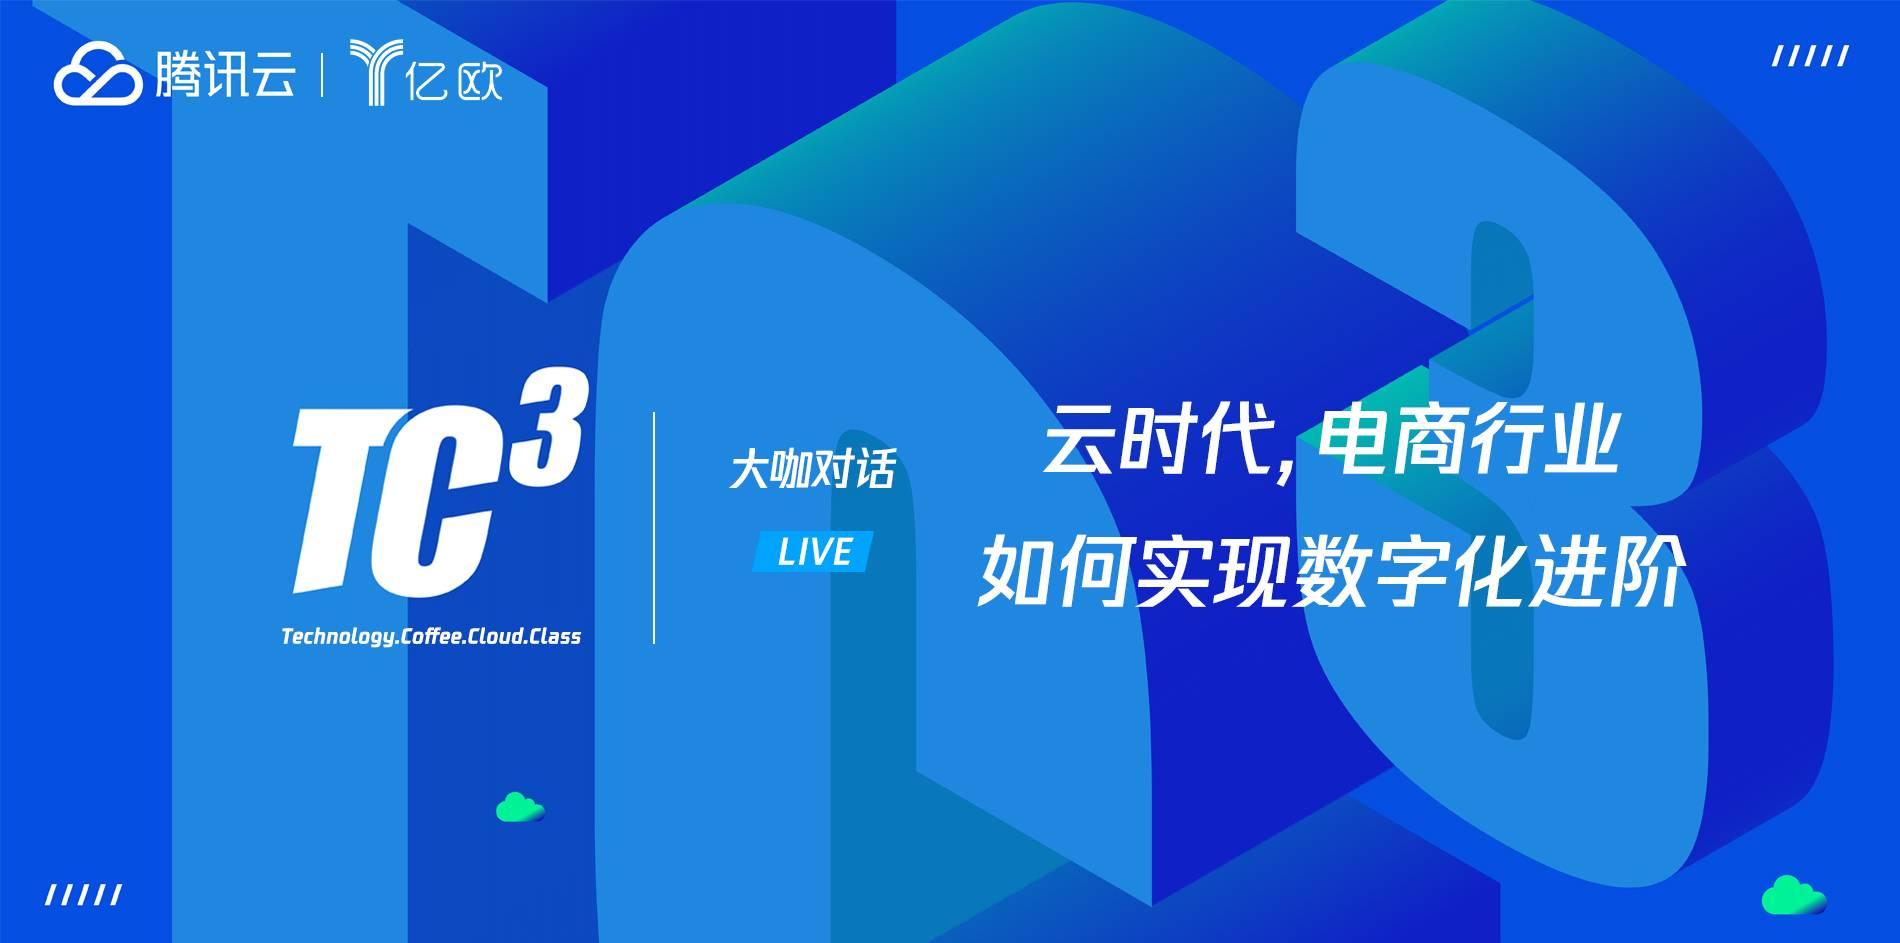 【活动】腾讯云x亿欧 电商行业系列线上沙龙-亿欧